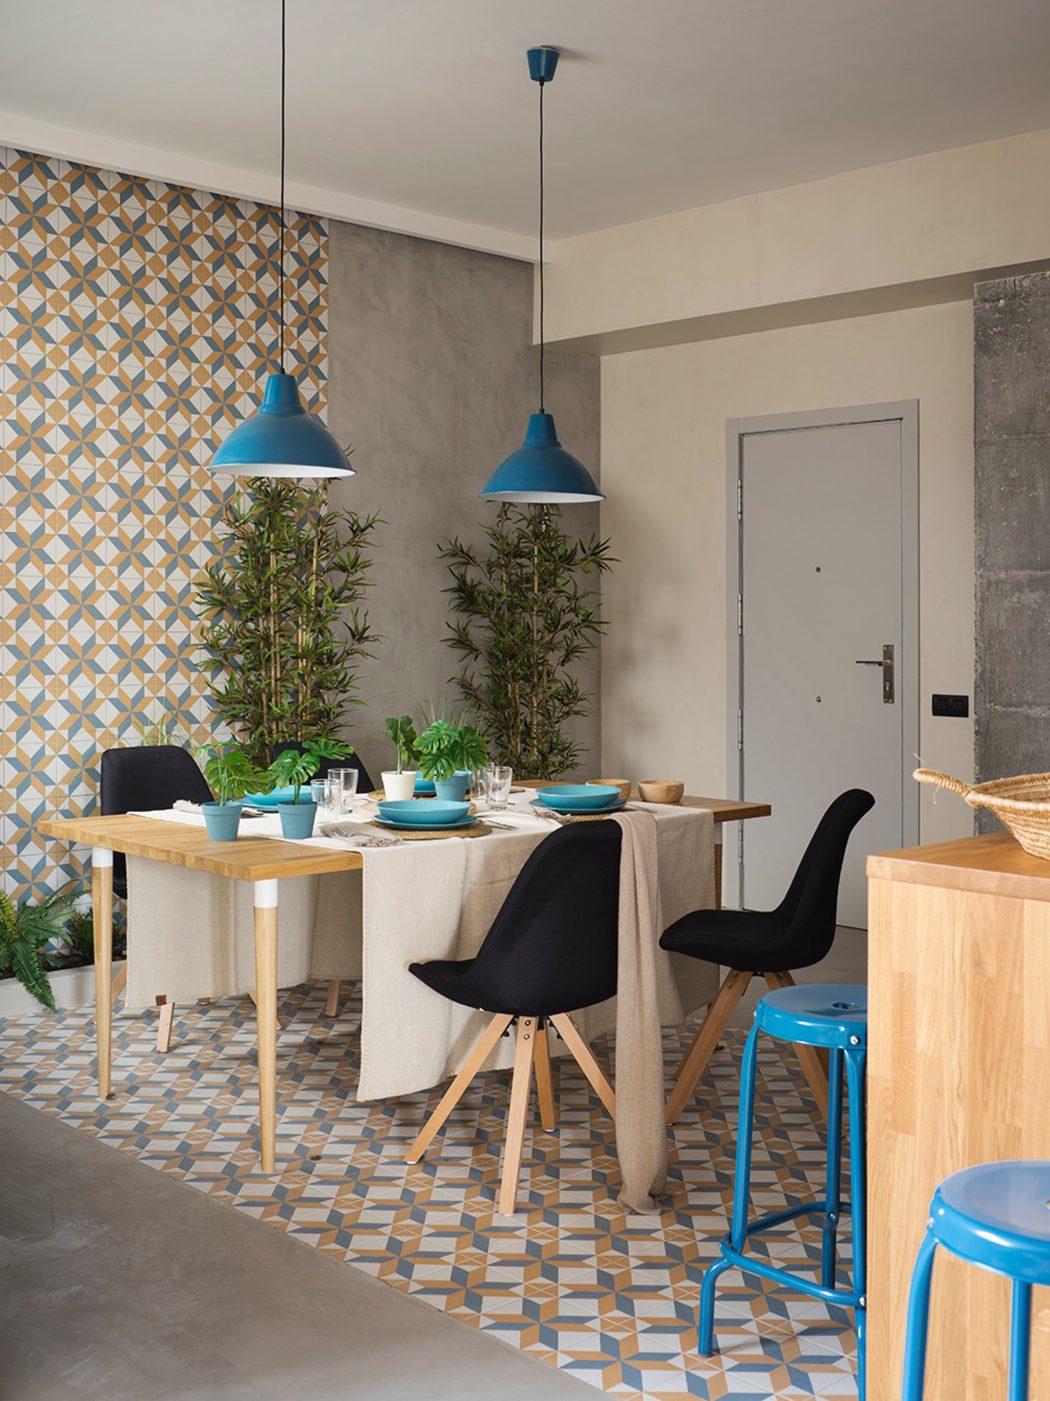 In dit stijlvolle appartement vind je een mooie mix van verschillende materialen